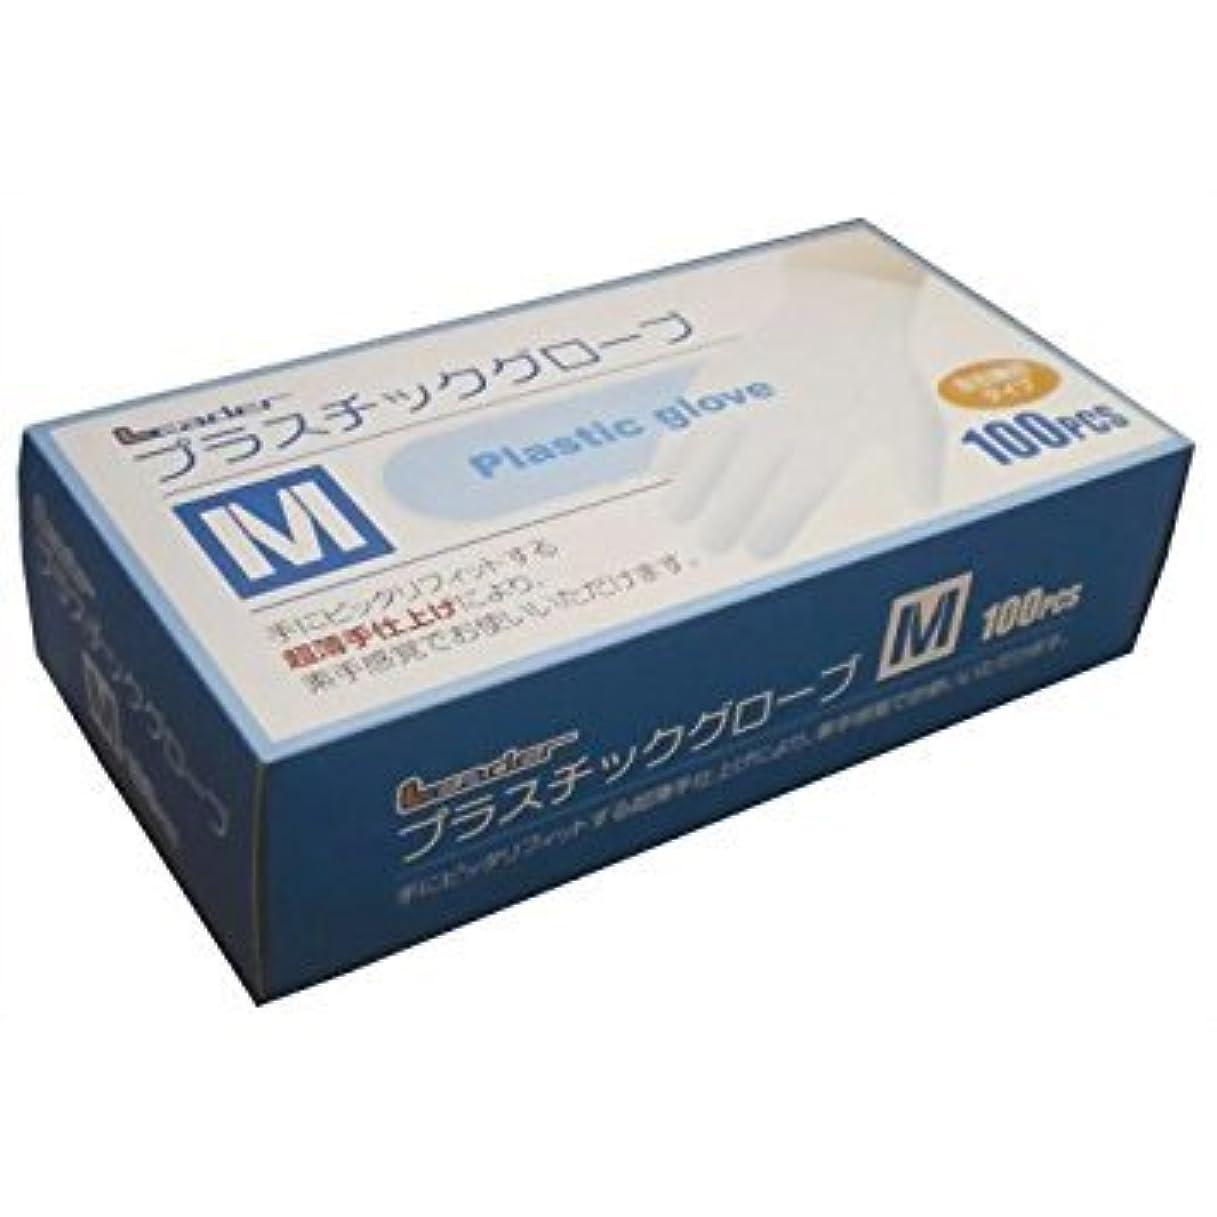 発掘する知恵ベンチ「梱売」リーダー プラスチックグローブ Mサイズ 100枚入x10箱セット